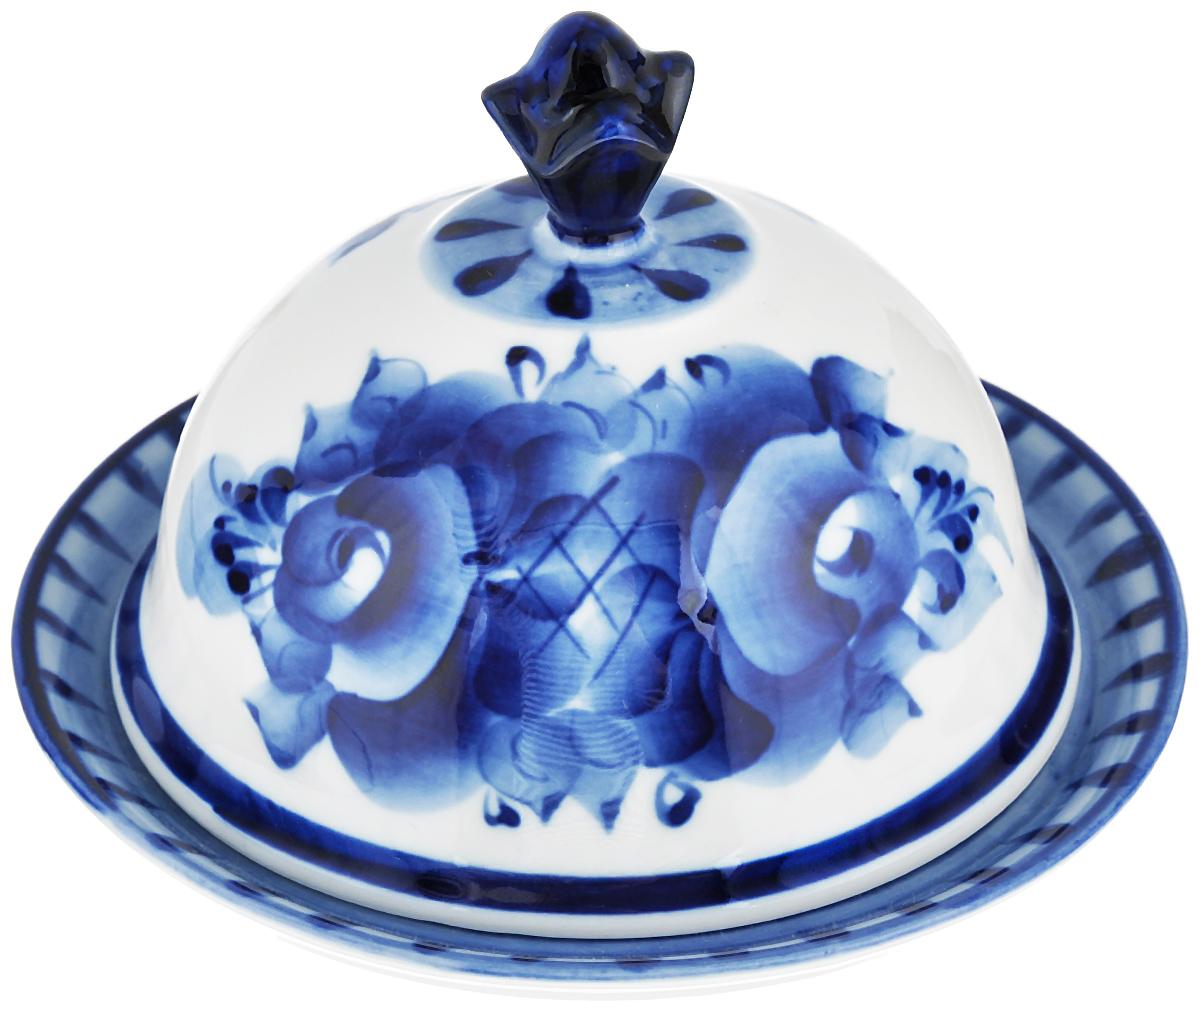 Масленка Гжельские узоры, цвет: белый, синий993016052Масленка Гжельские узоры выполнена из высококачественной керамики в виде подноса с крышкой и оформлена легкой гжельской росписью, которая сочетает простые линии и орнаменты с красивыми цветочными узорами. Изделие предназначено для красивой сервировки и хранения масла. Обращаем ваше внимание, что роспись на изделие сделана вручную. Рисунок может немного отличаться от изображения на фотографии. Размер подноса: 13,5 см х 13,5 см х 1,5 см. Высота масленки (с учетом крышки): 8,5 см.